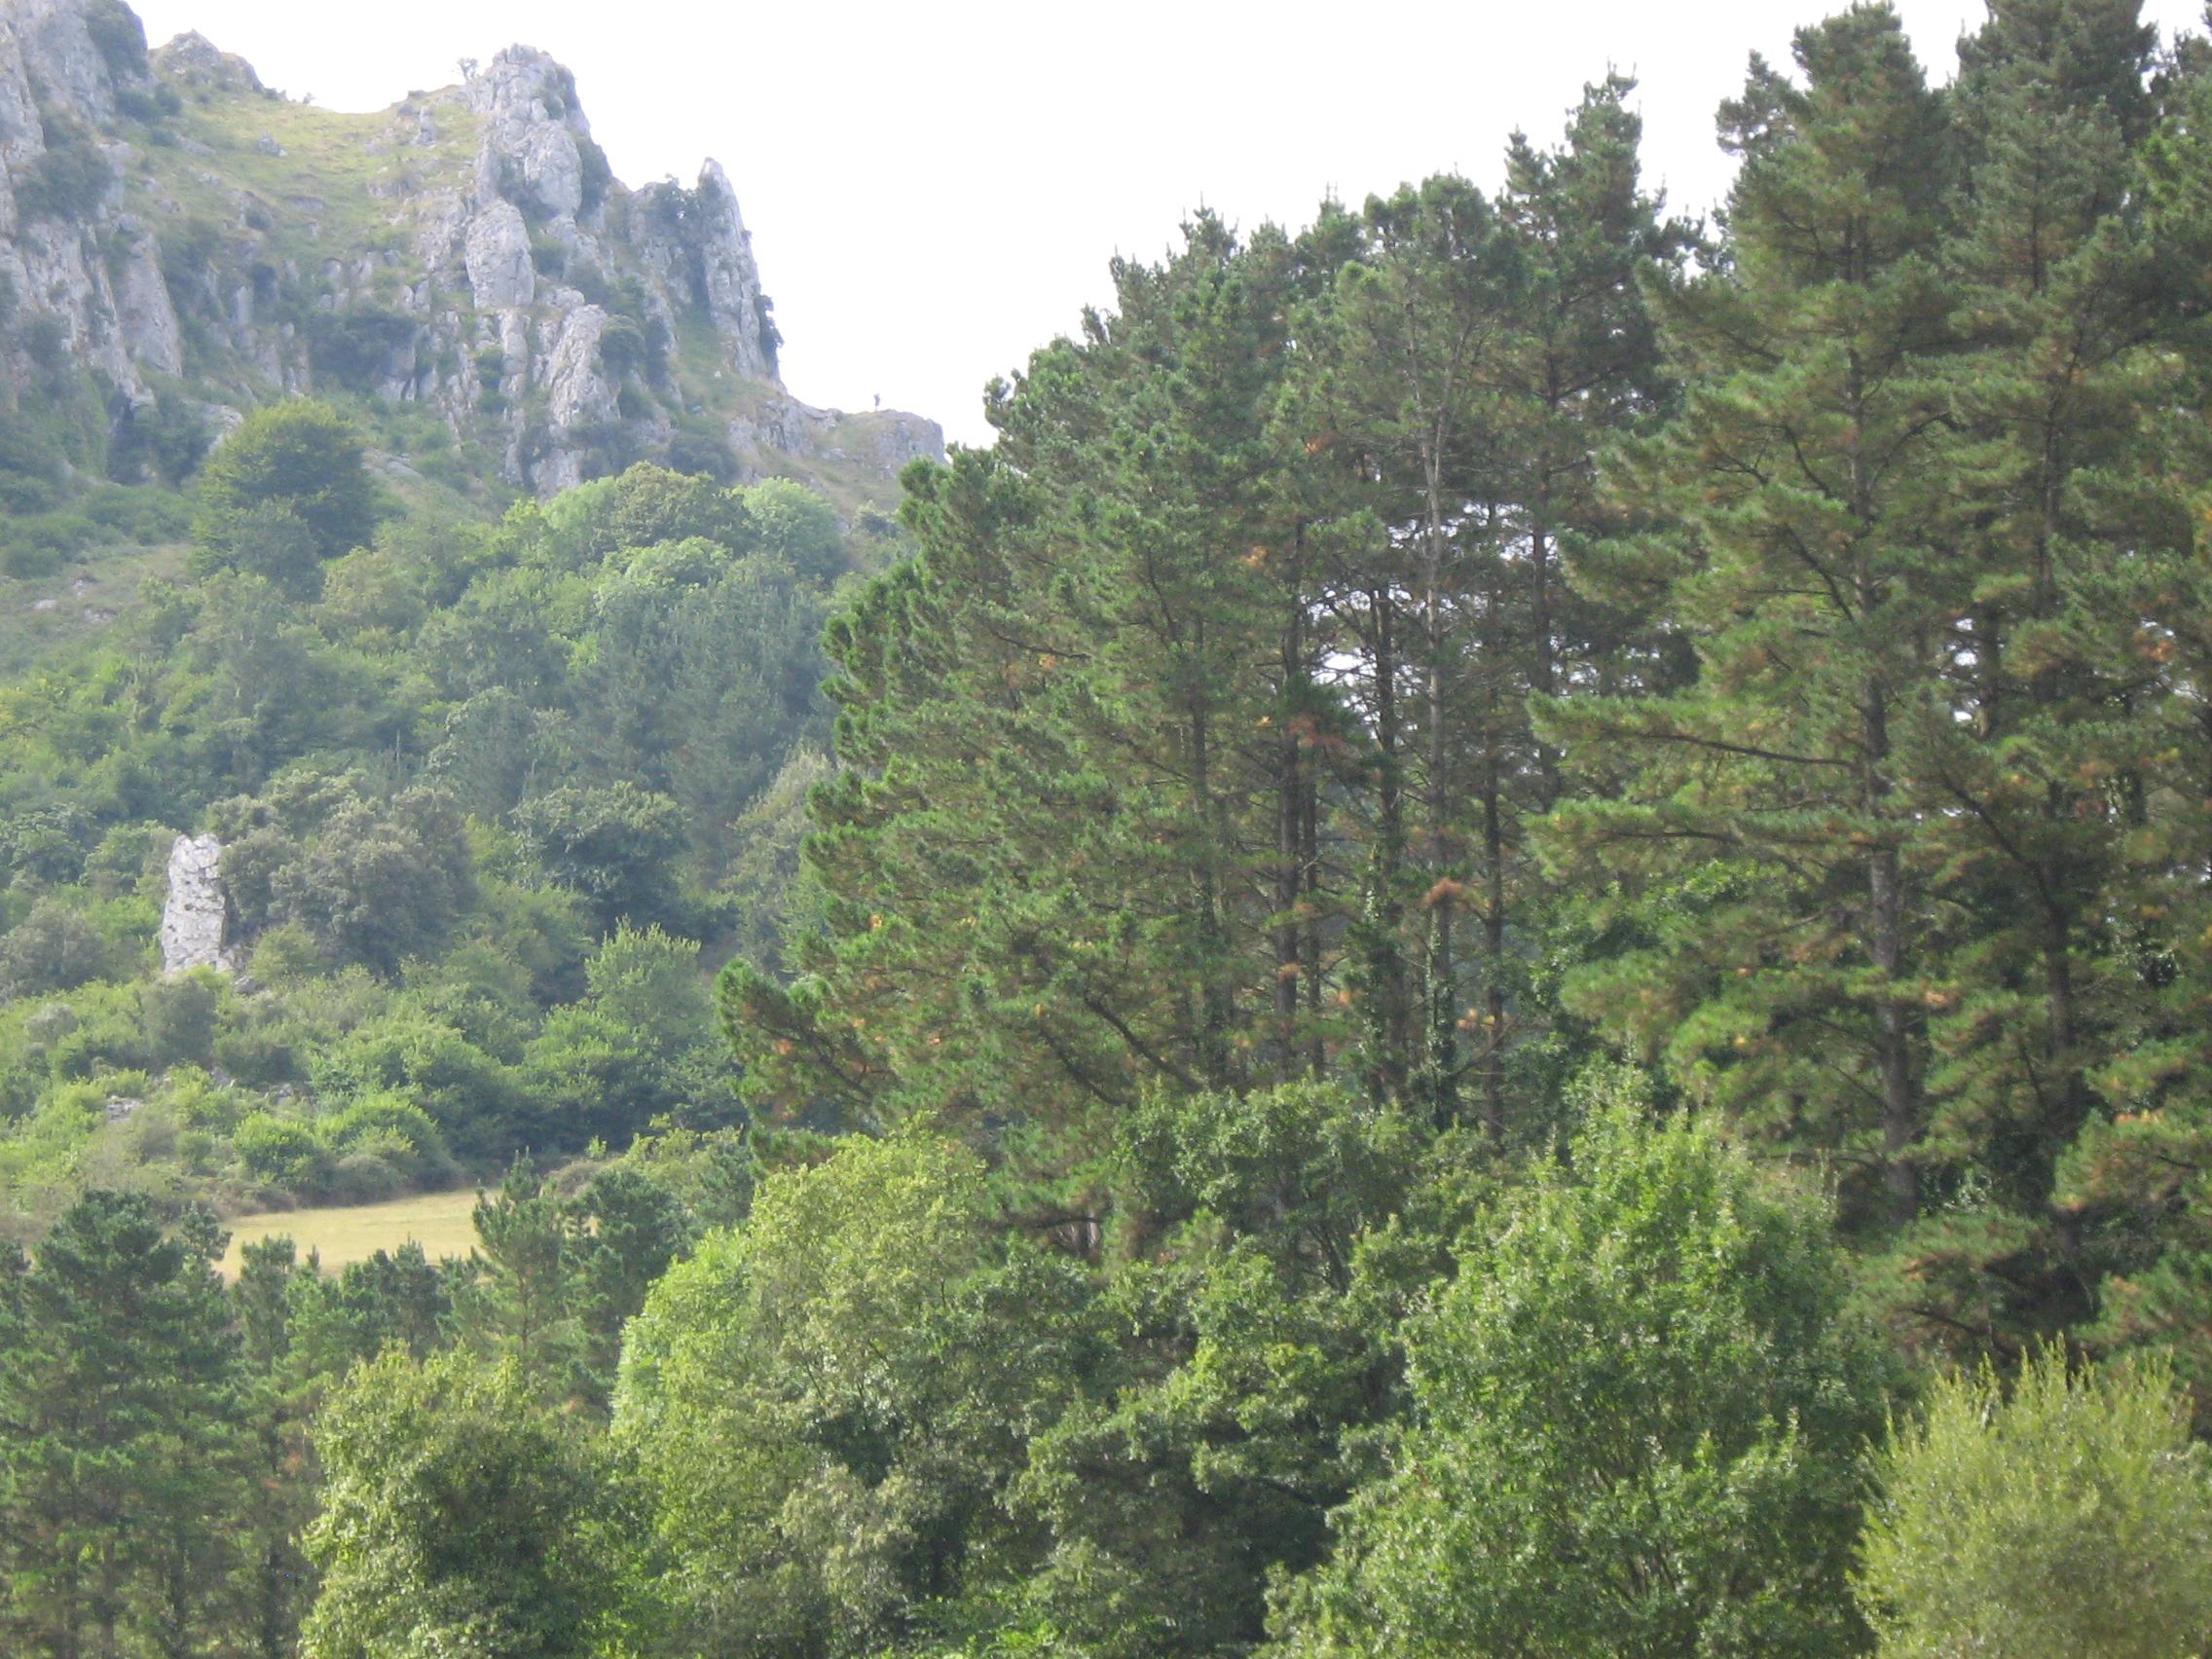 The Basque landscape